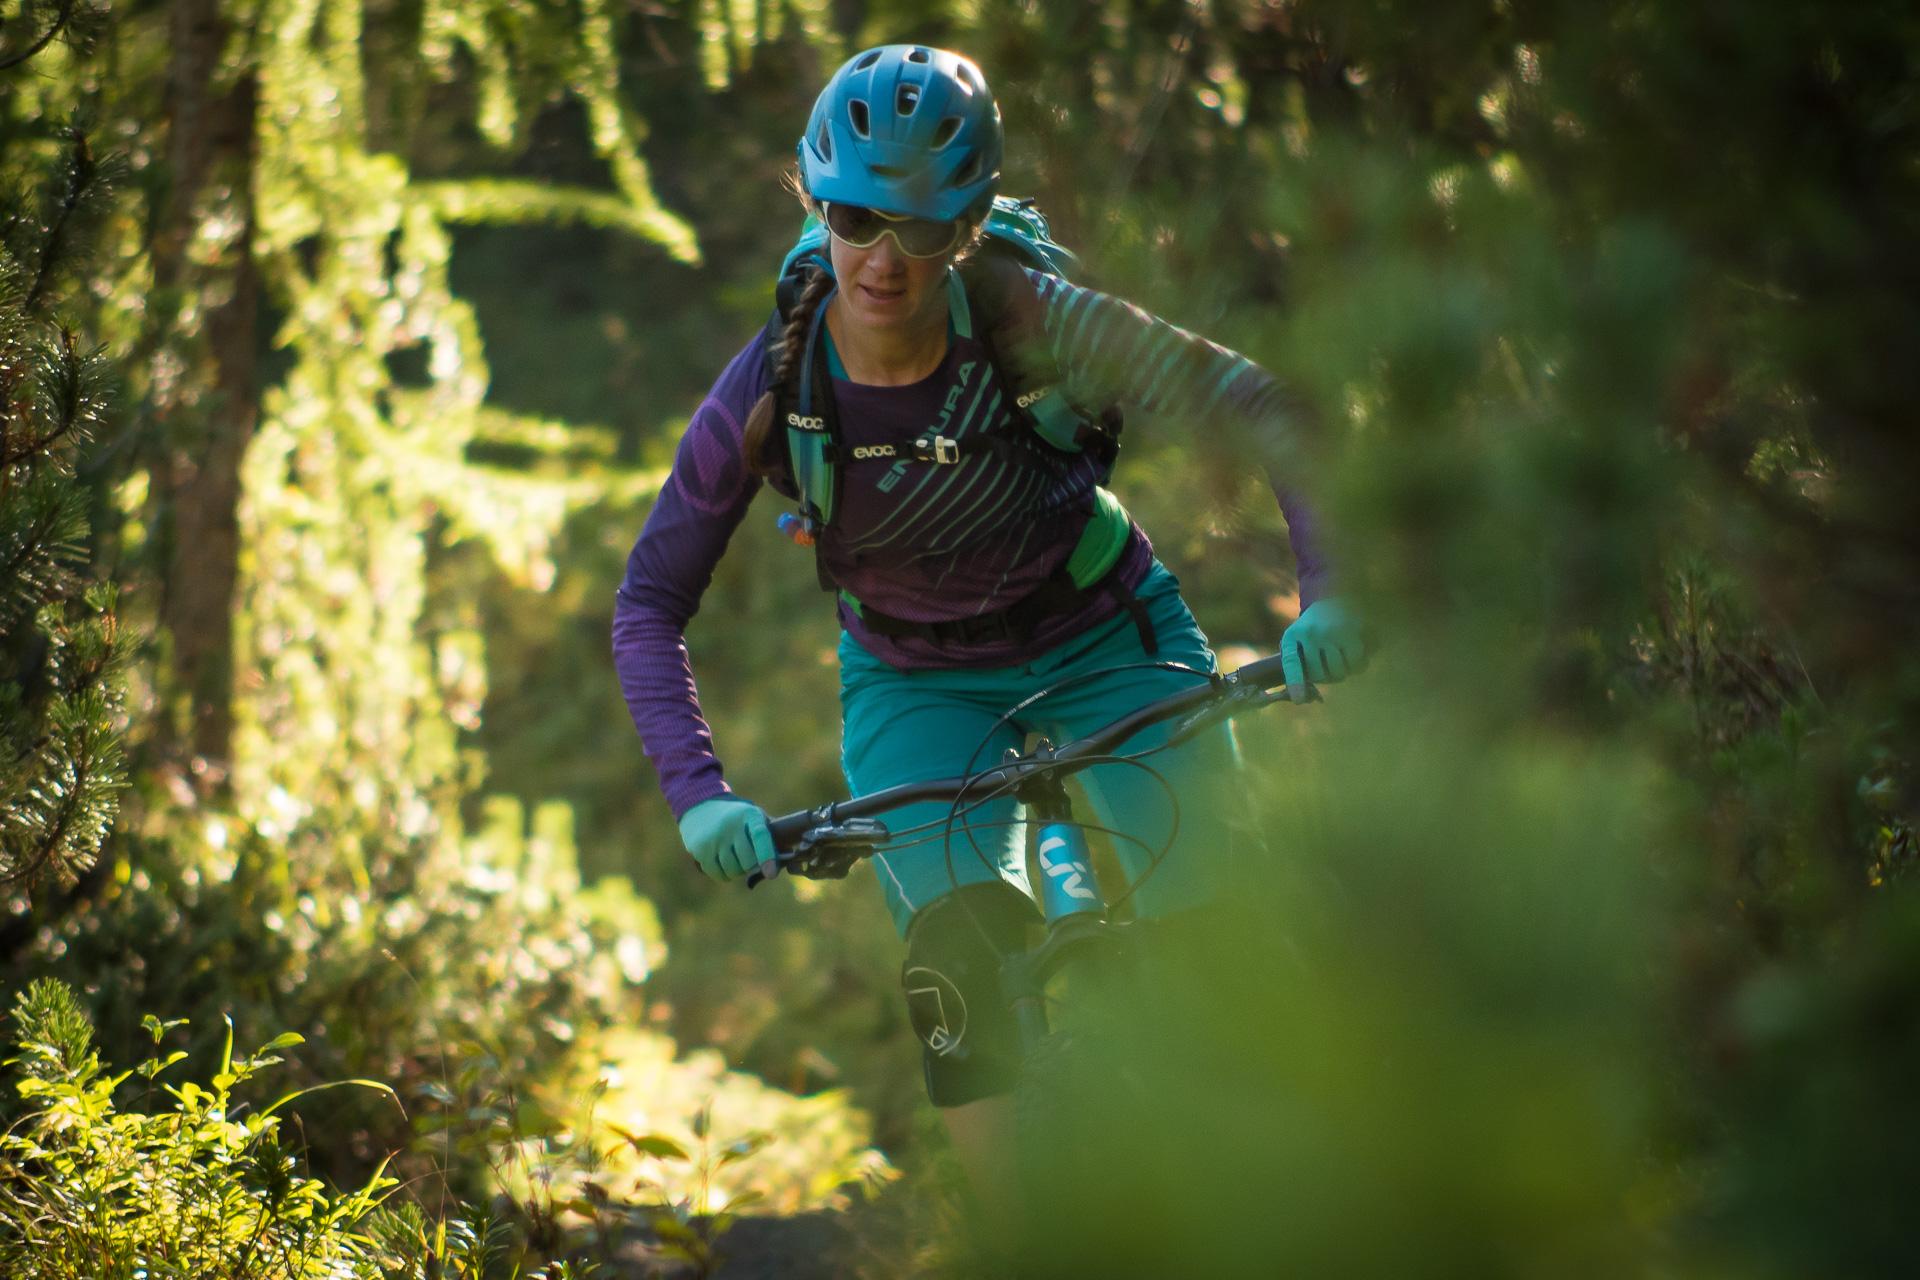 Ride Trail Tales Piz Umbrail (16 of 21).jpg